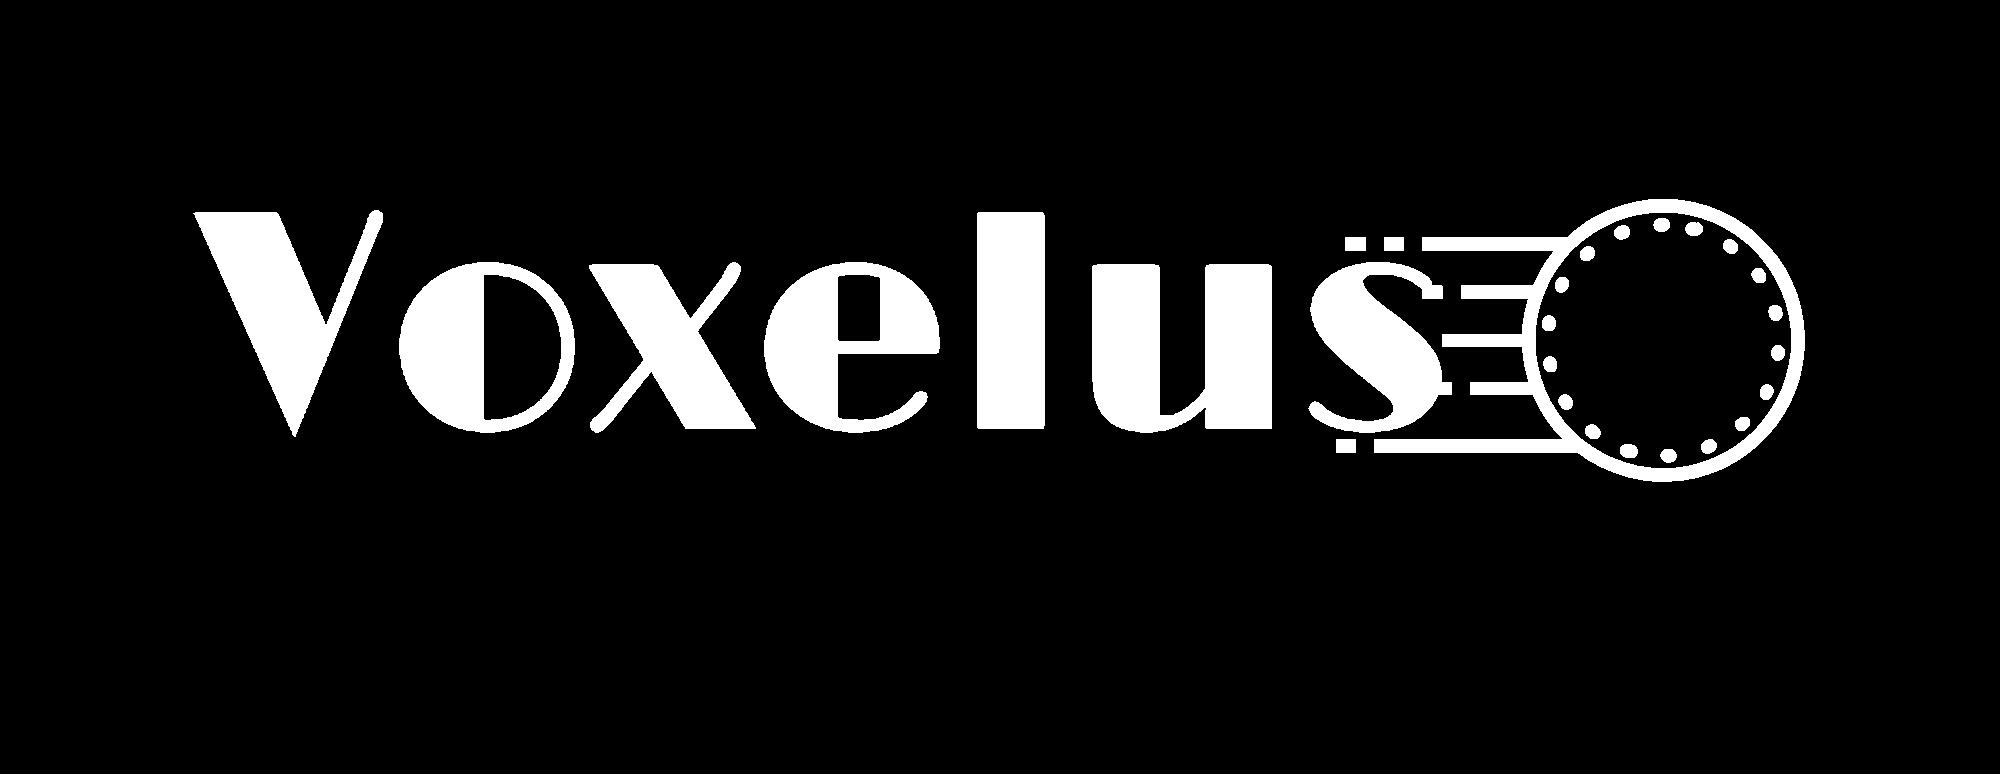 Voxelus-logo-white (1)